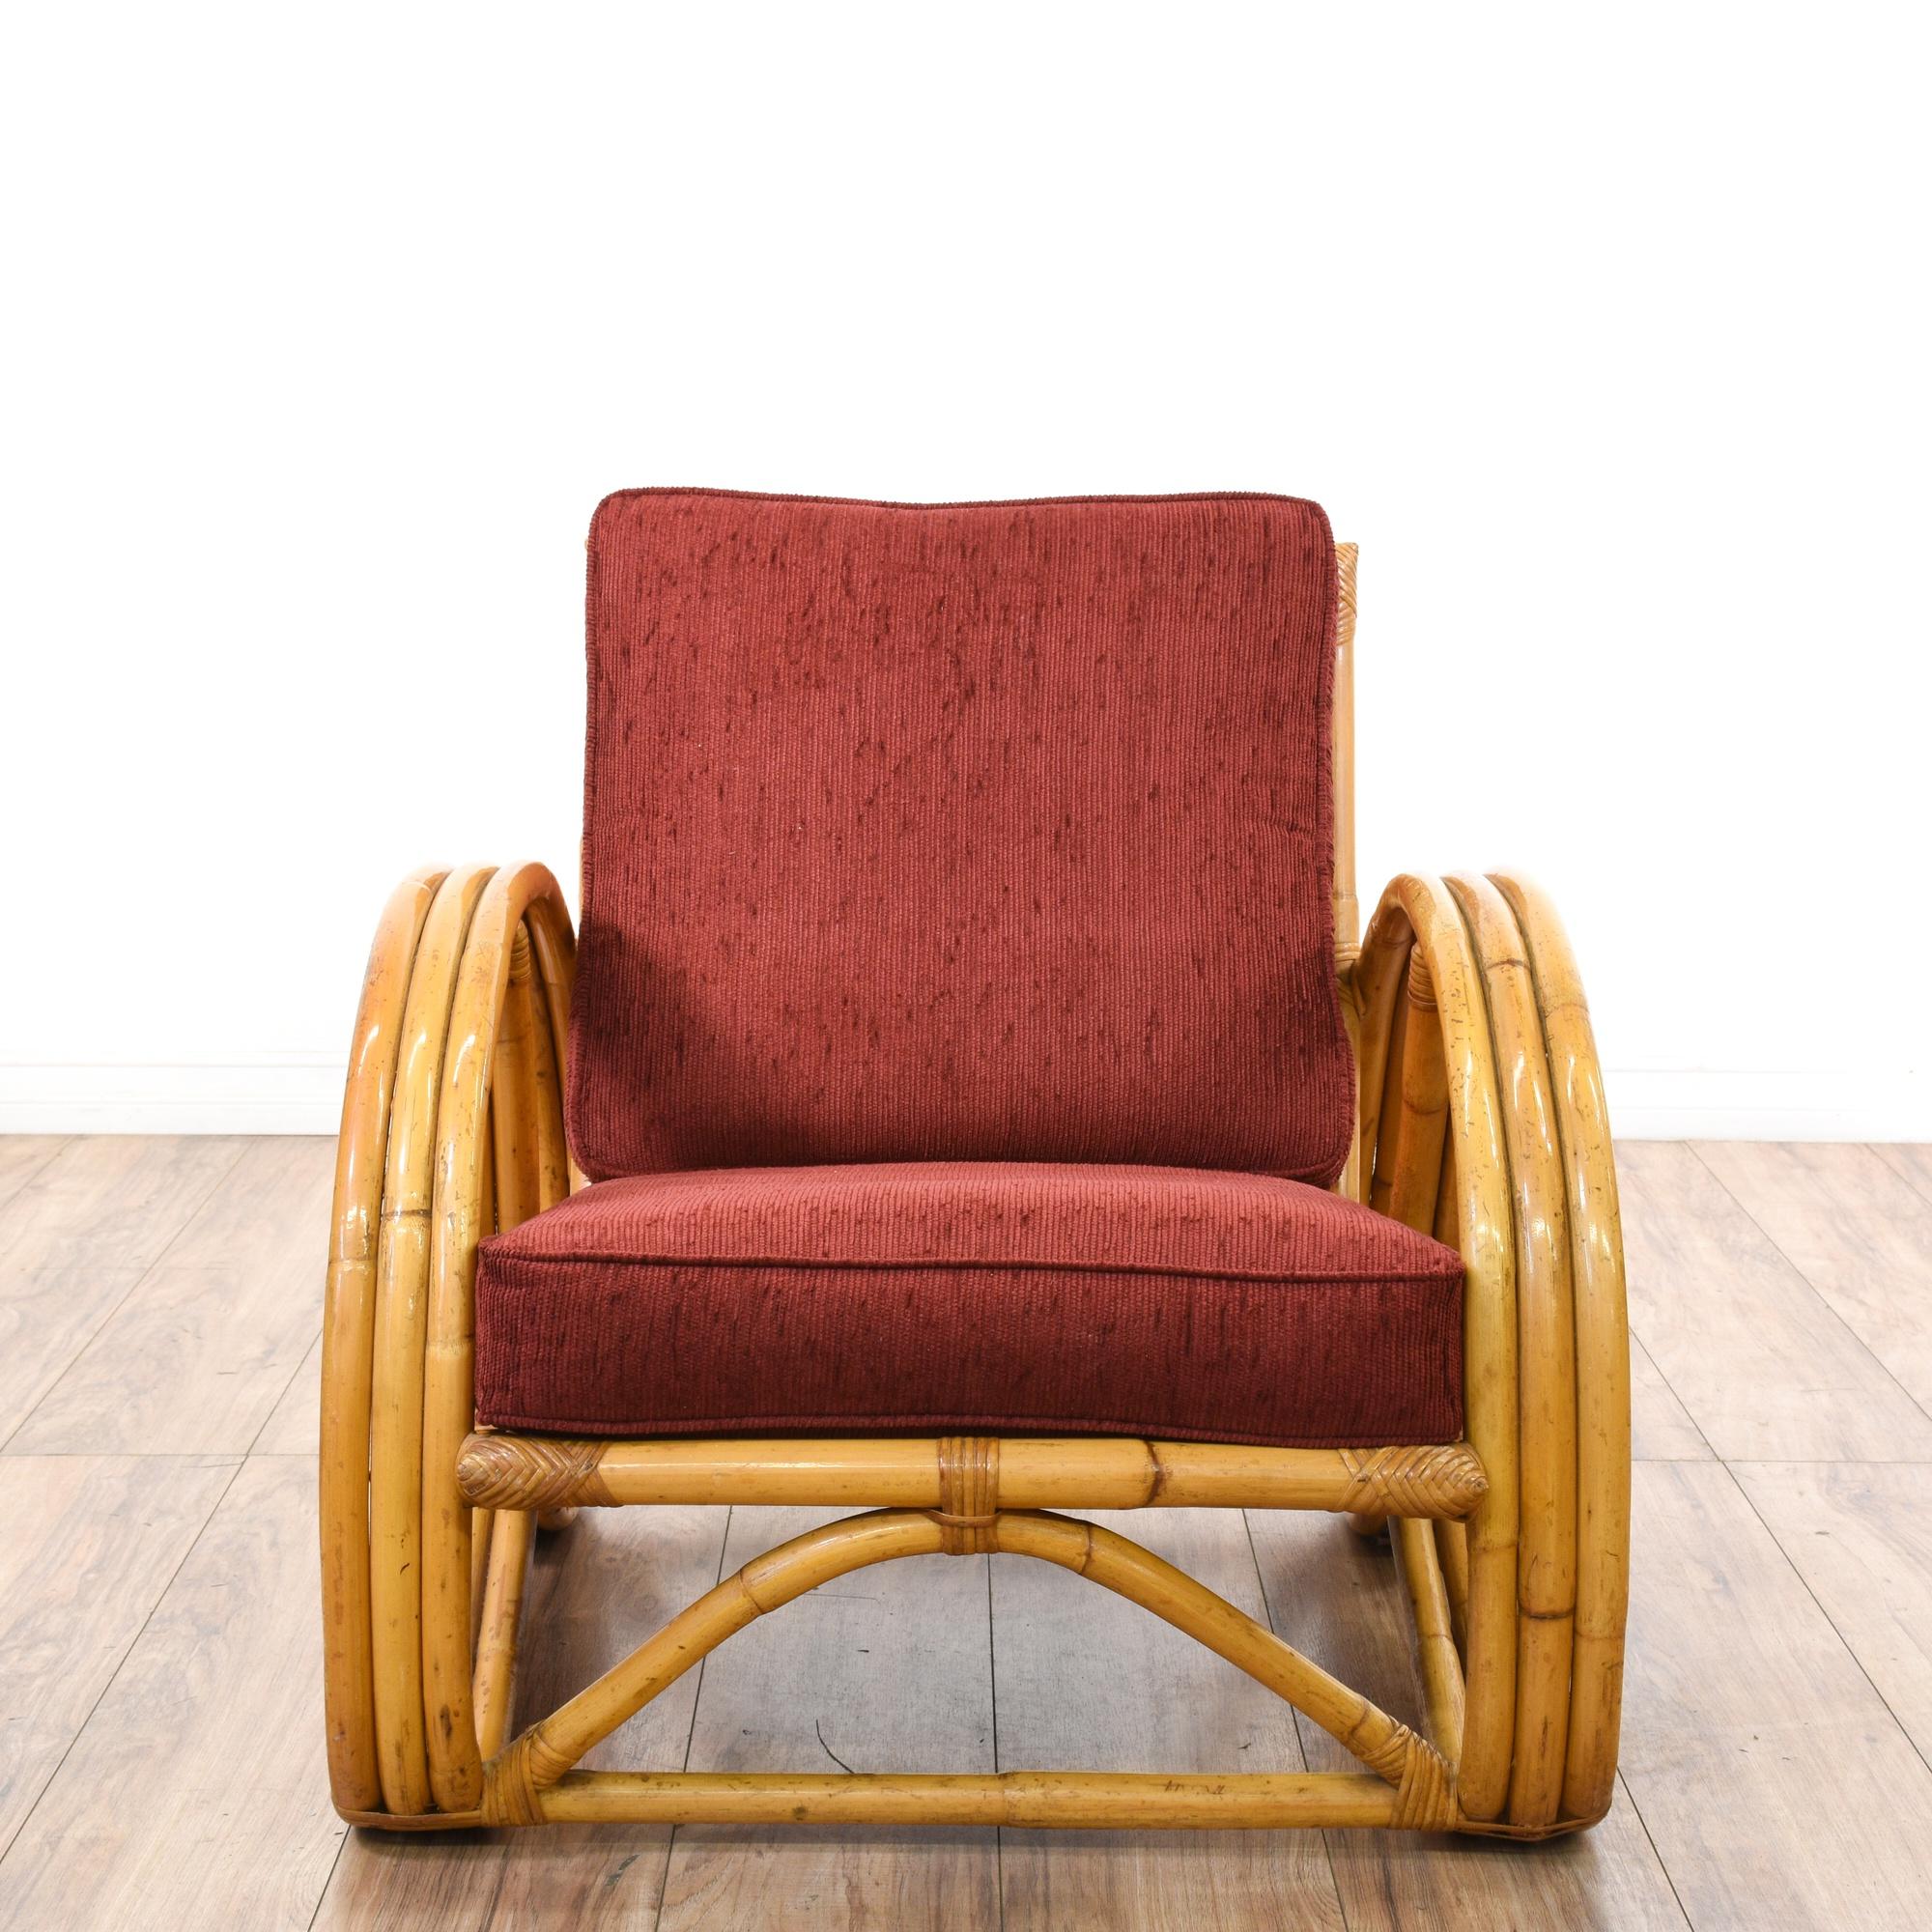 Paul Frankl Style Rattan Pretzel Lounge Armchair